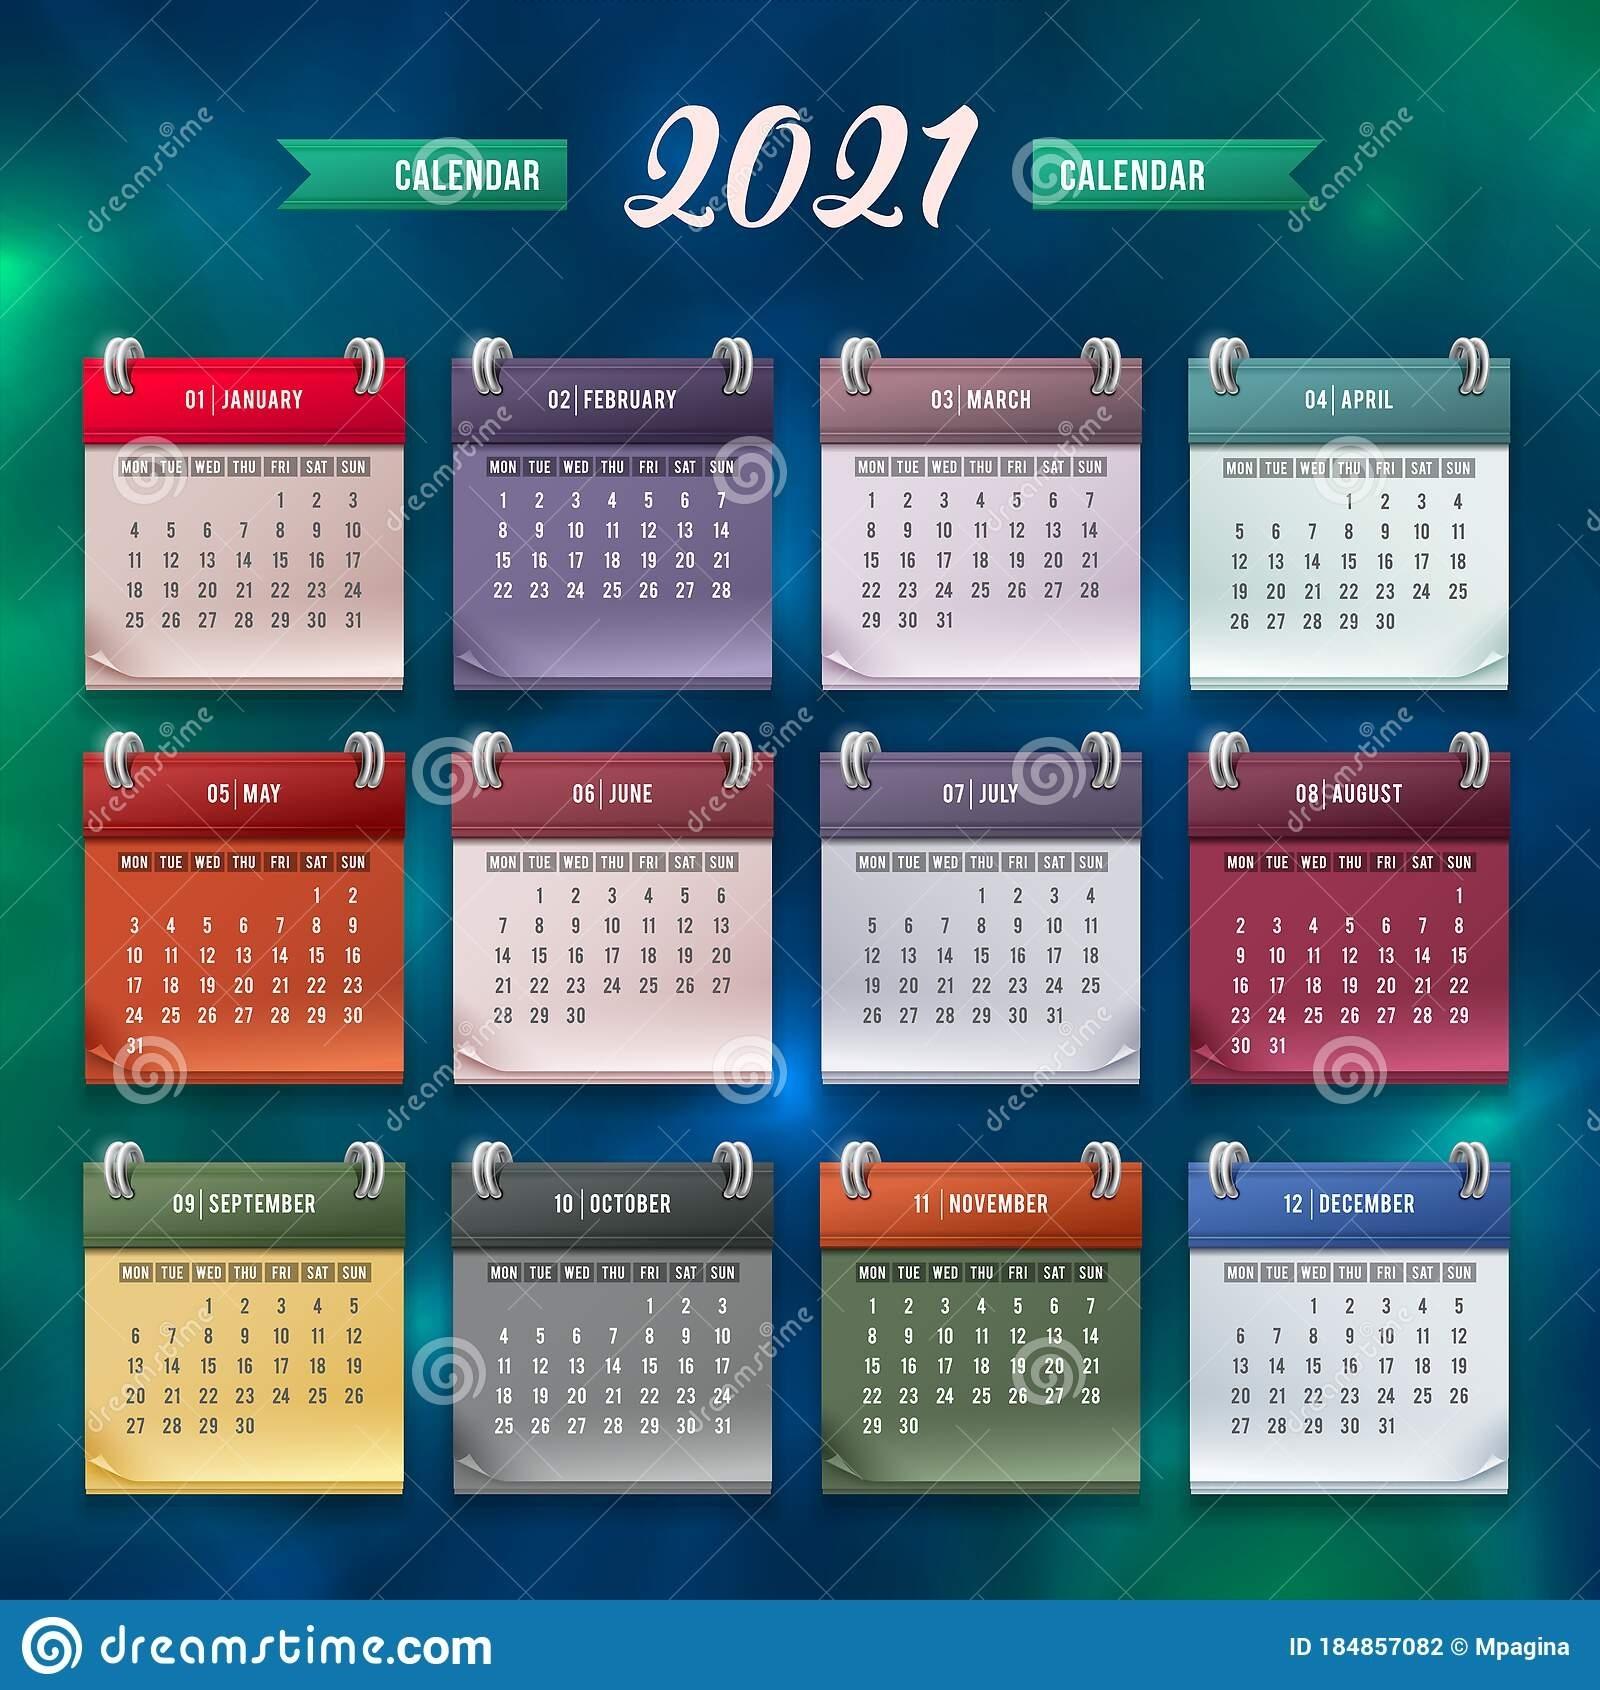 Get 12 Month Calendar Template2021